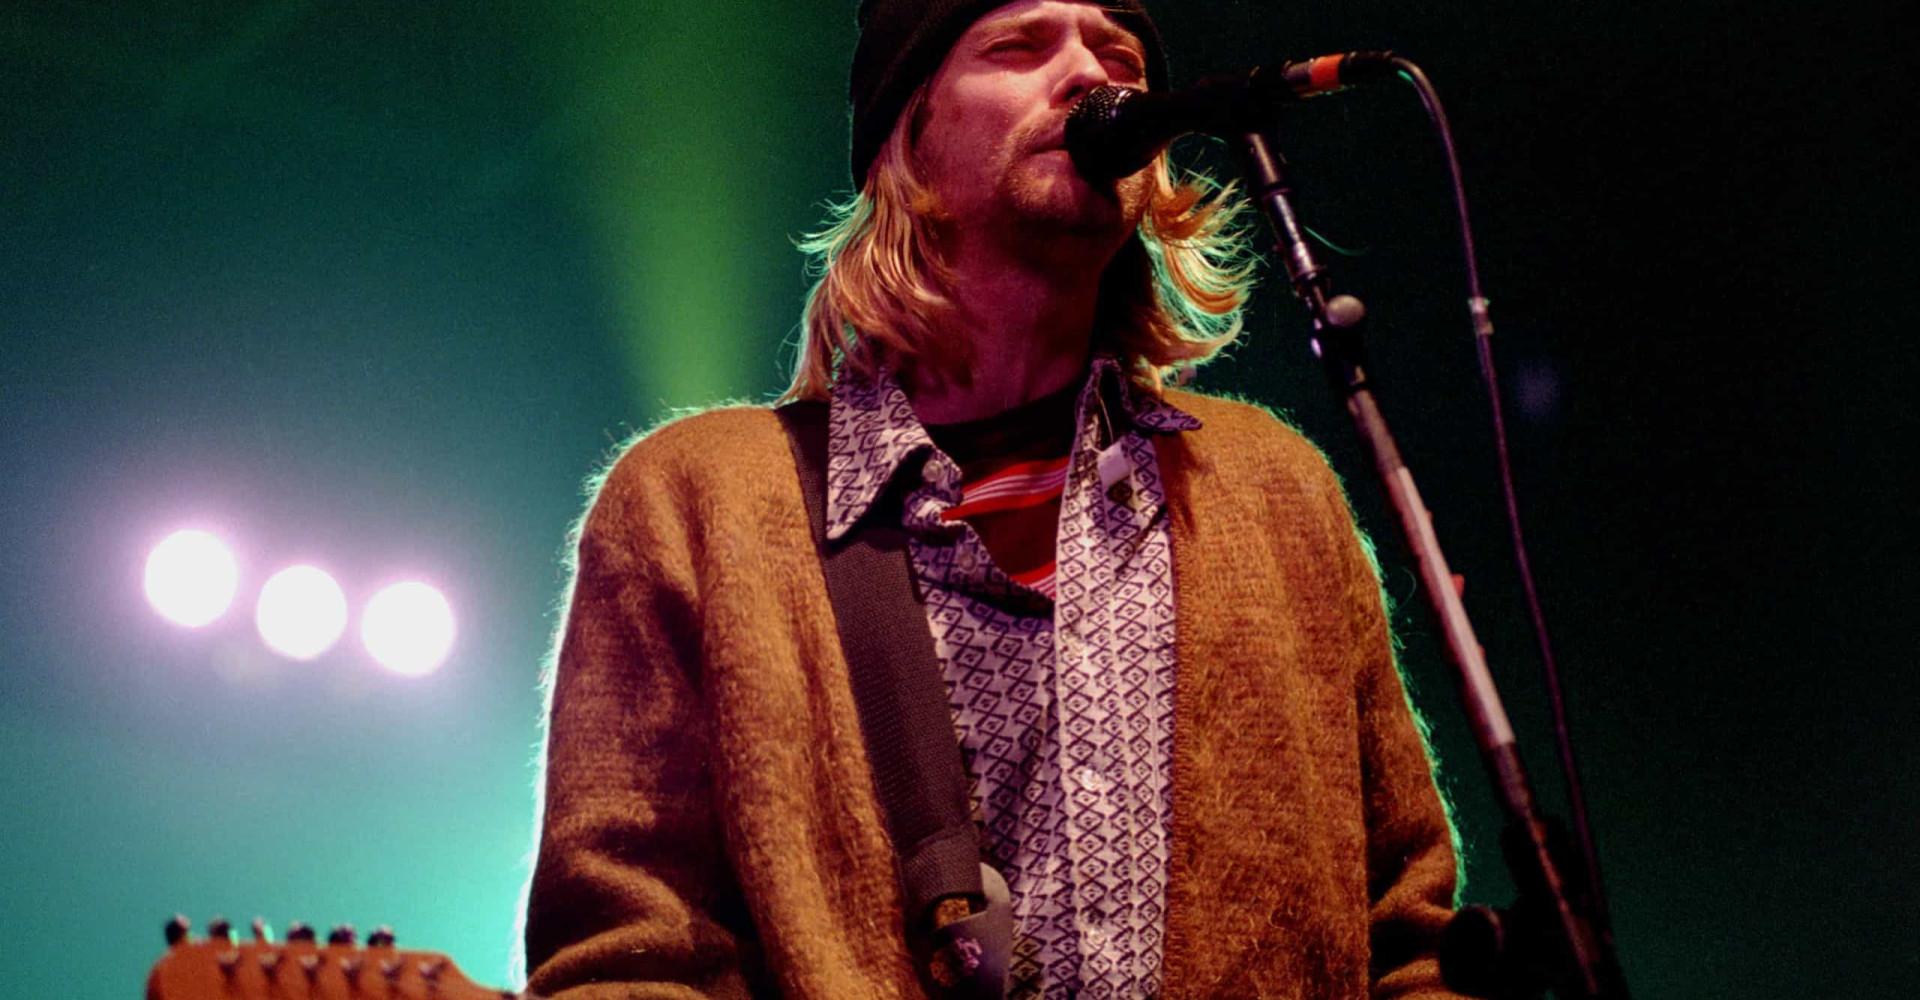 Sabia que Kurt Cobain adorava estes álbuns?